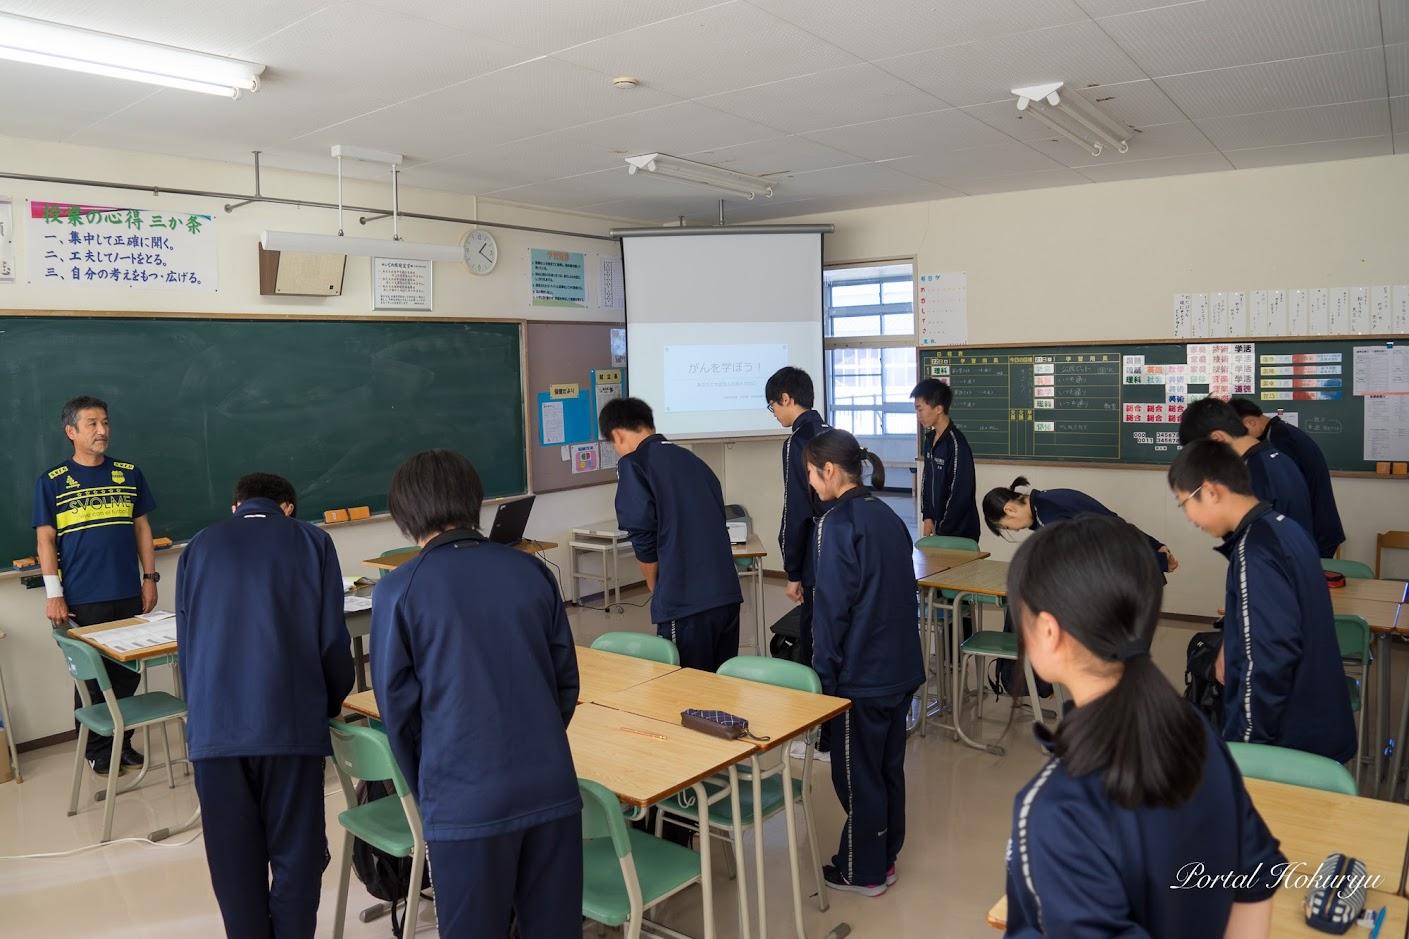 授業開始の挨拶